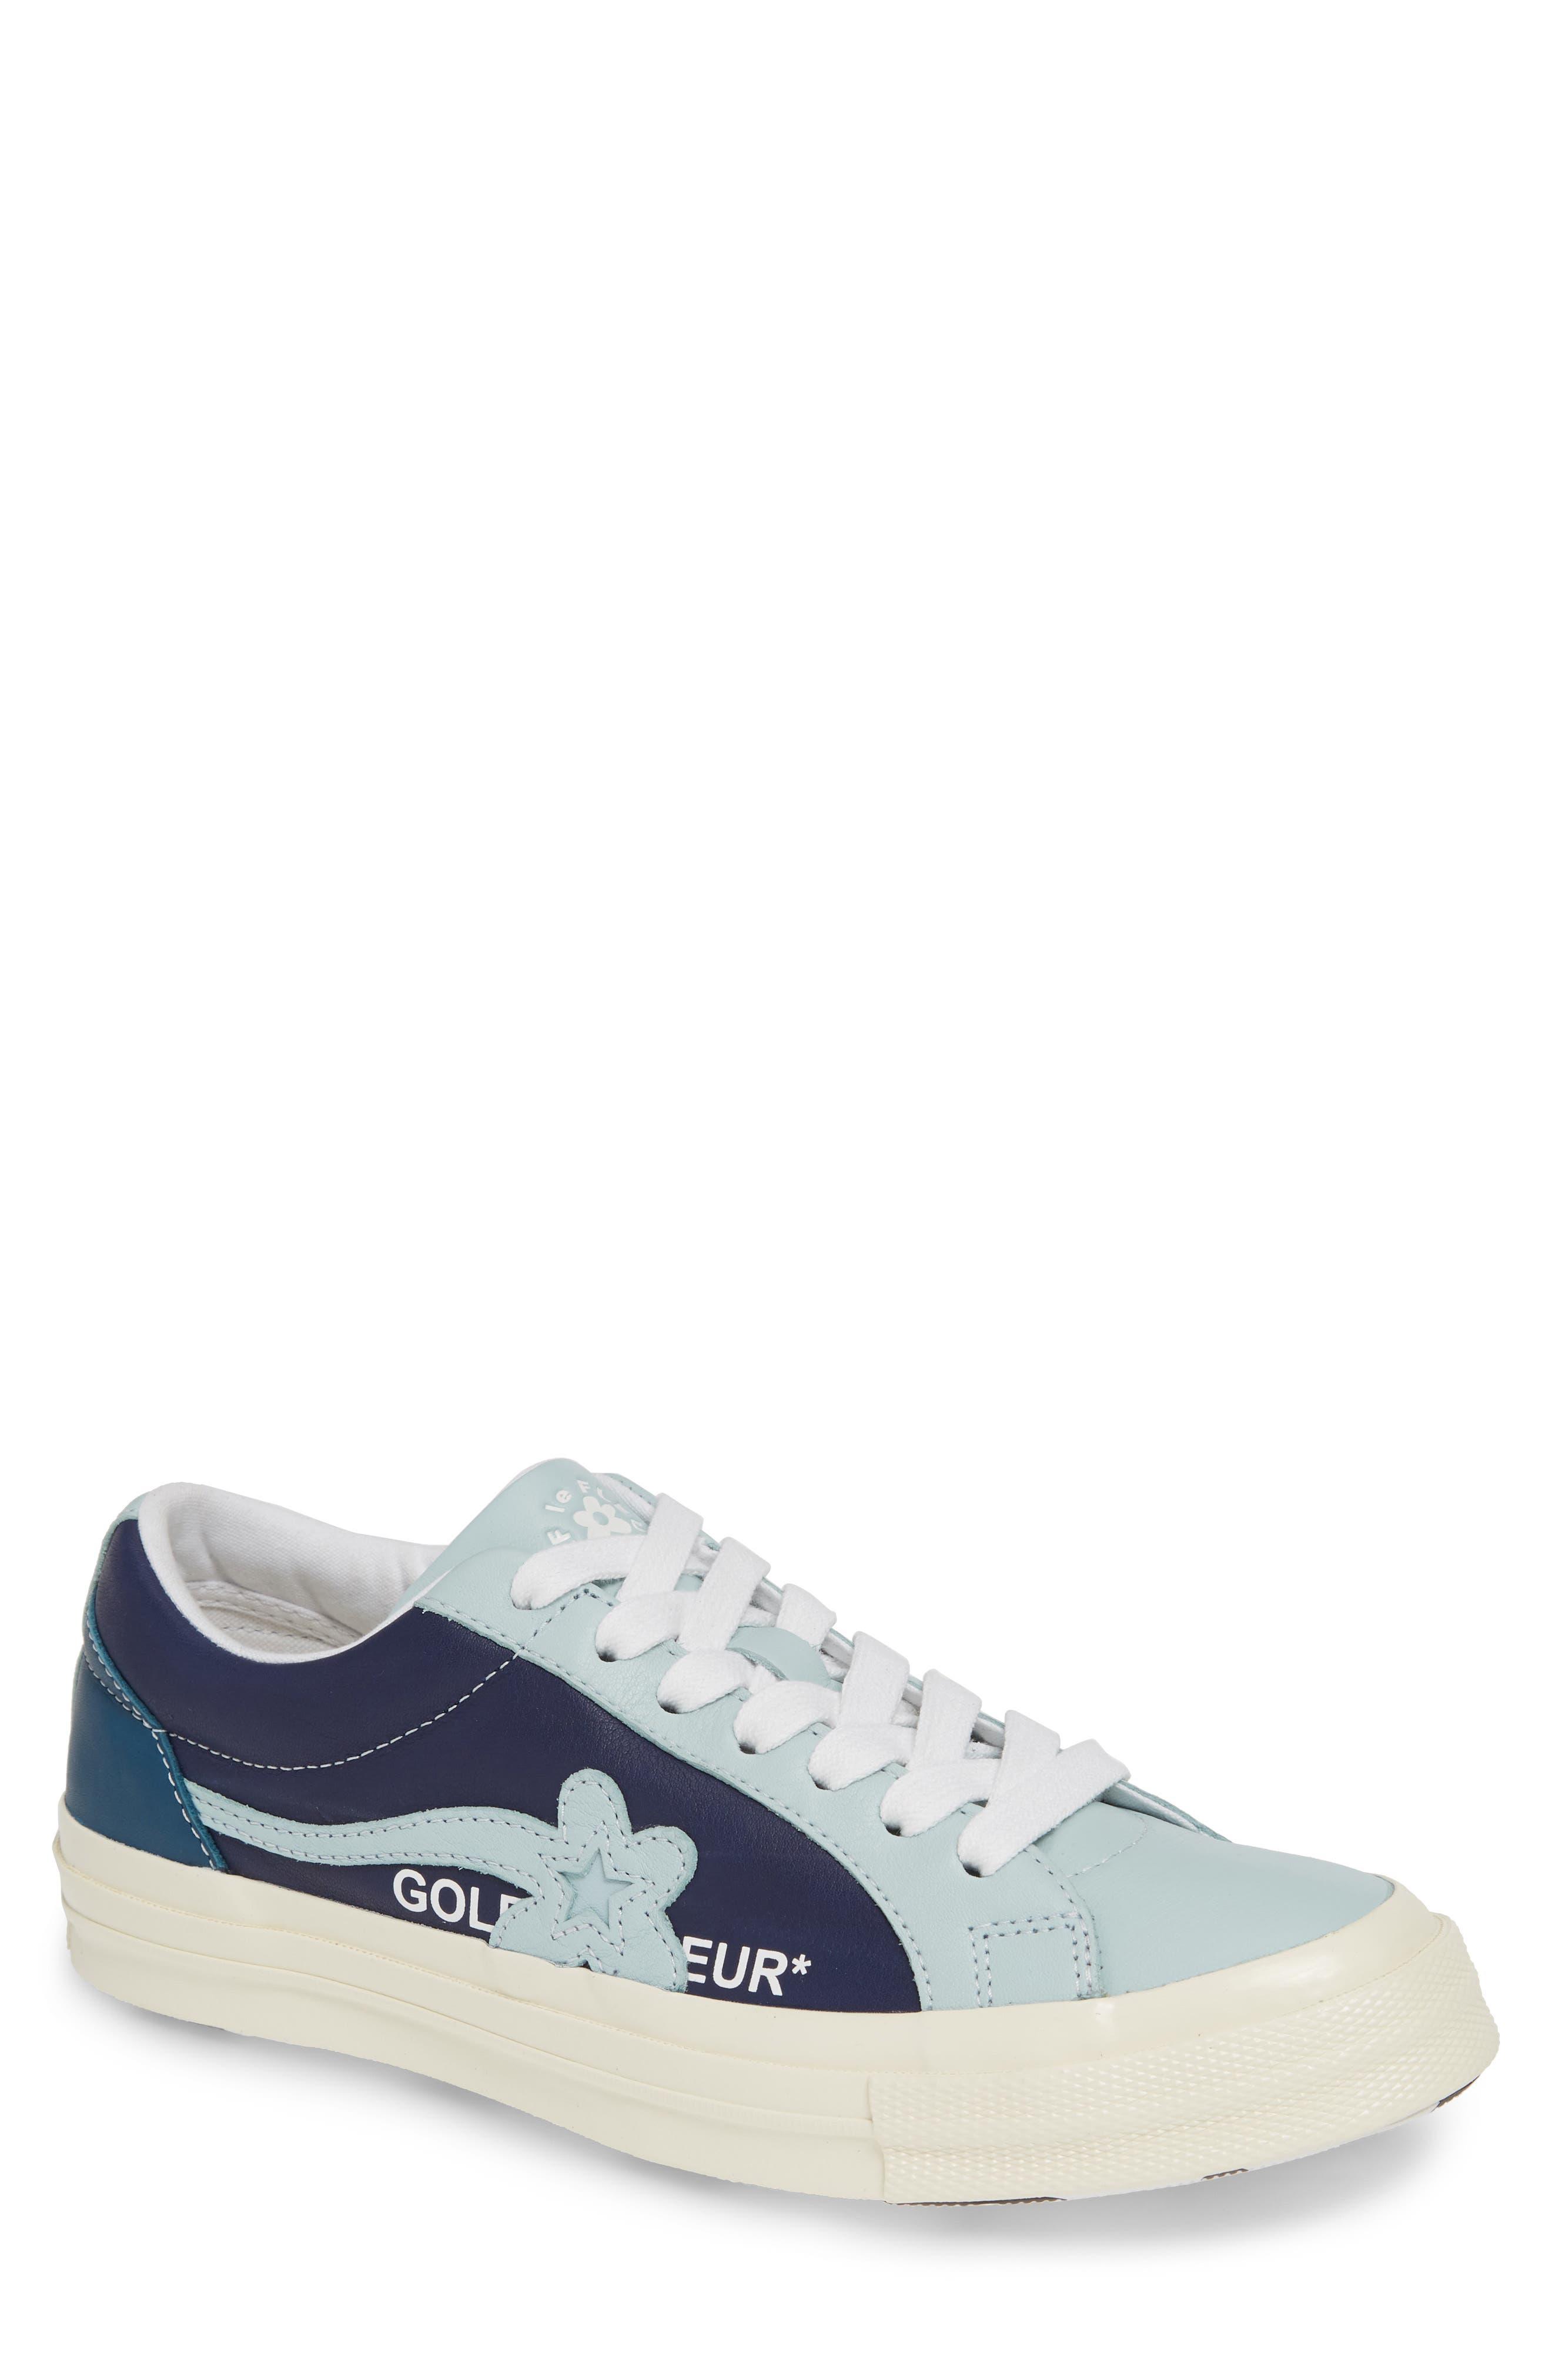 x GOLF le FLEUR Ox Sneaker, Main, color, 487